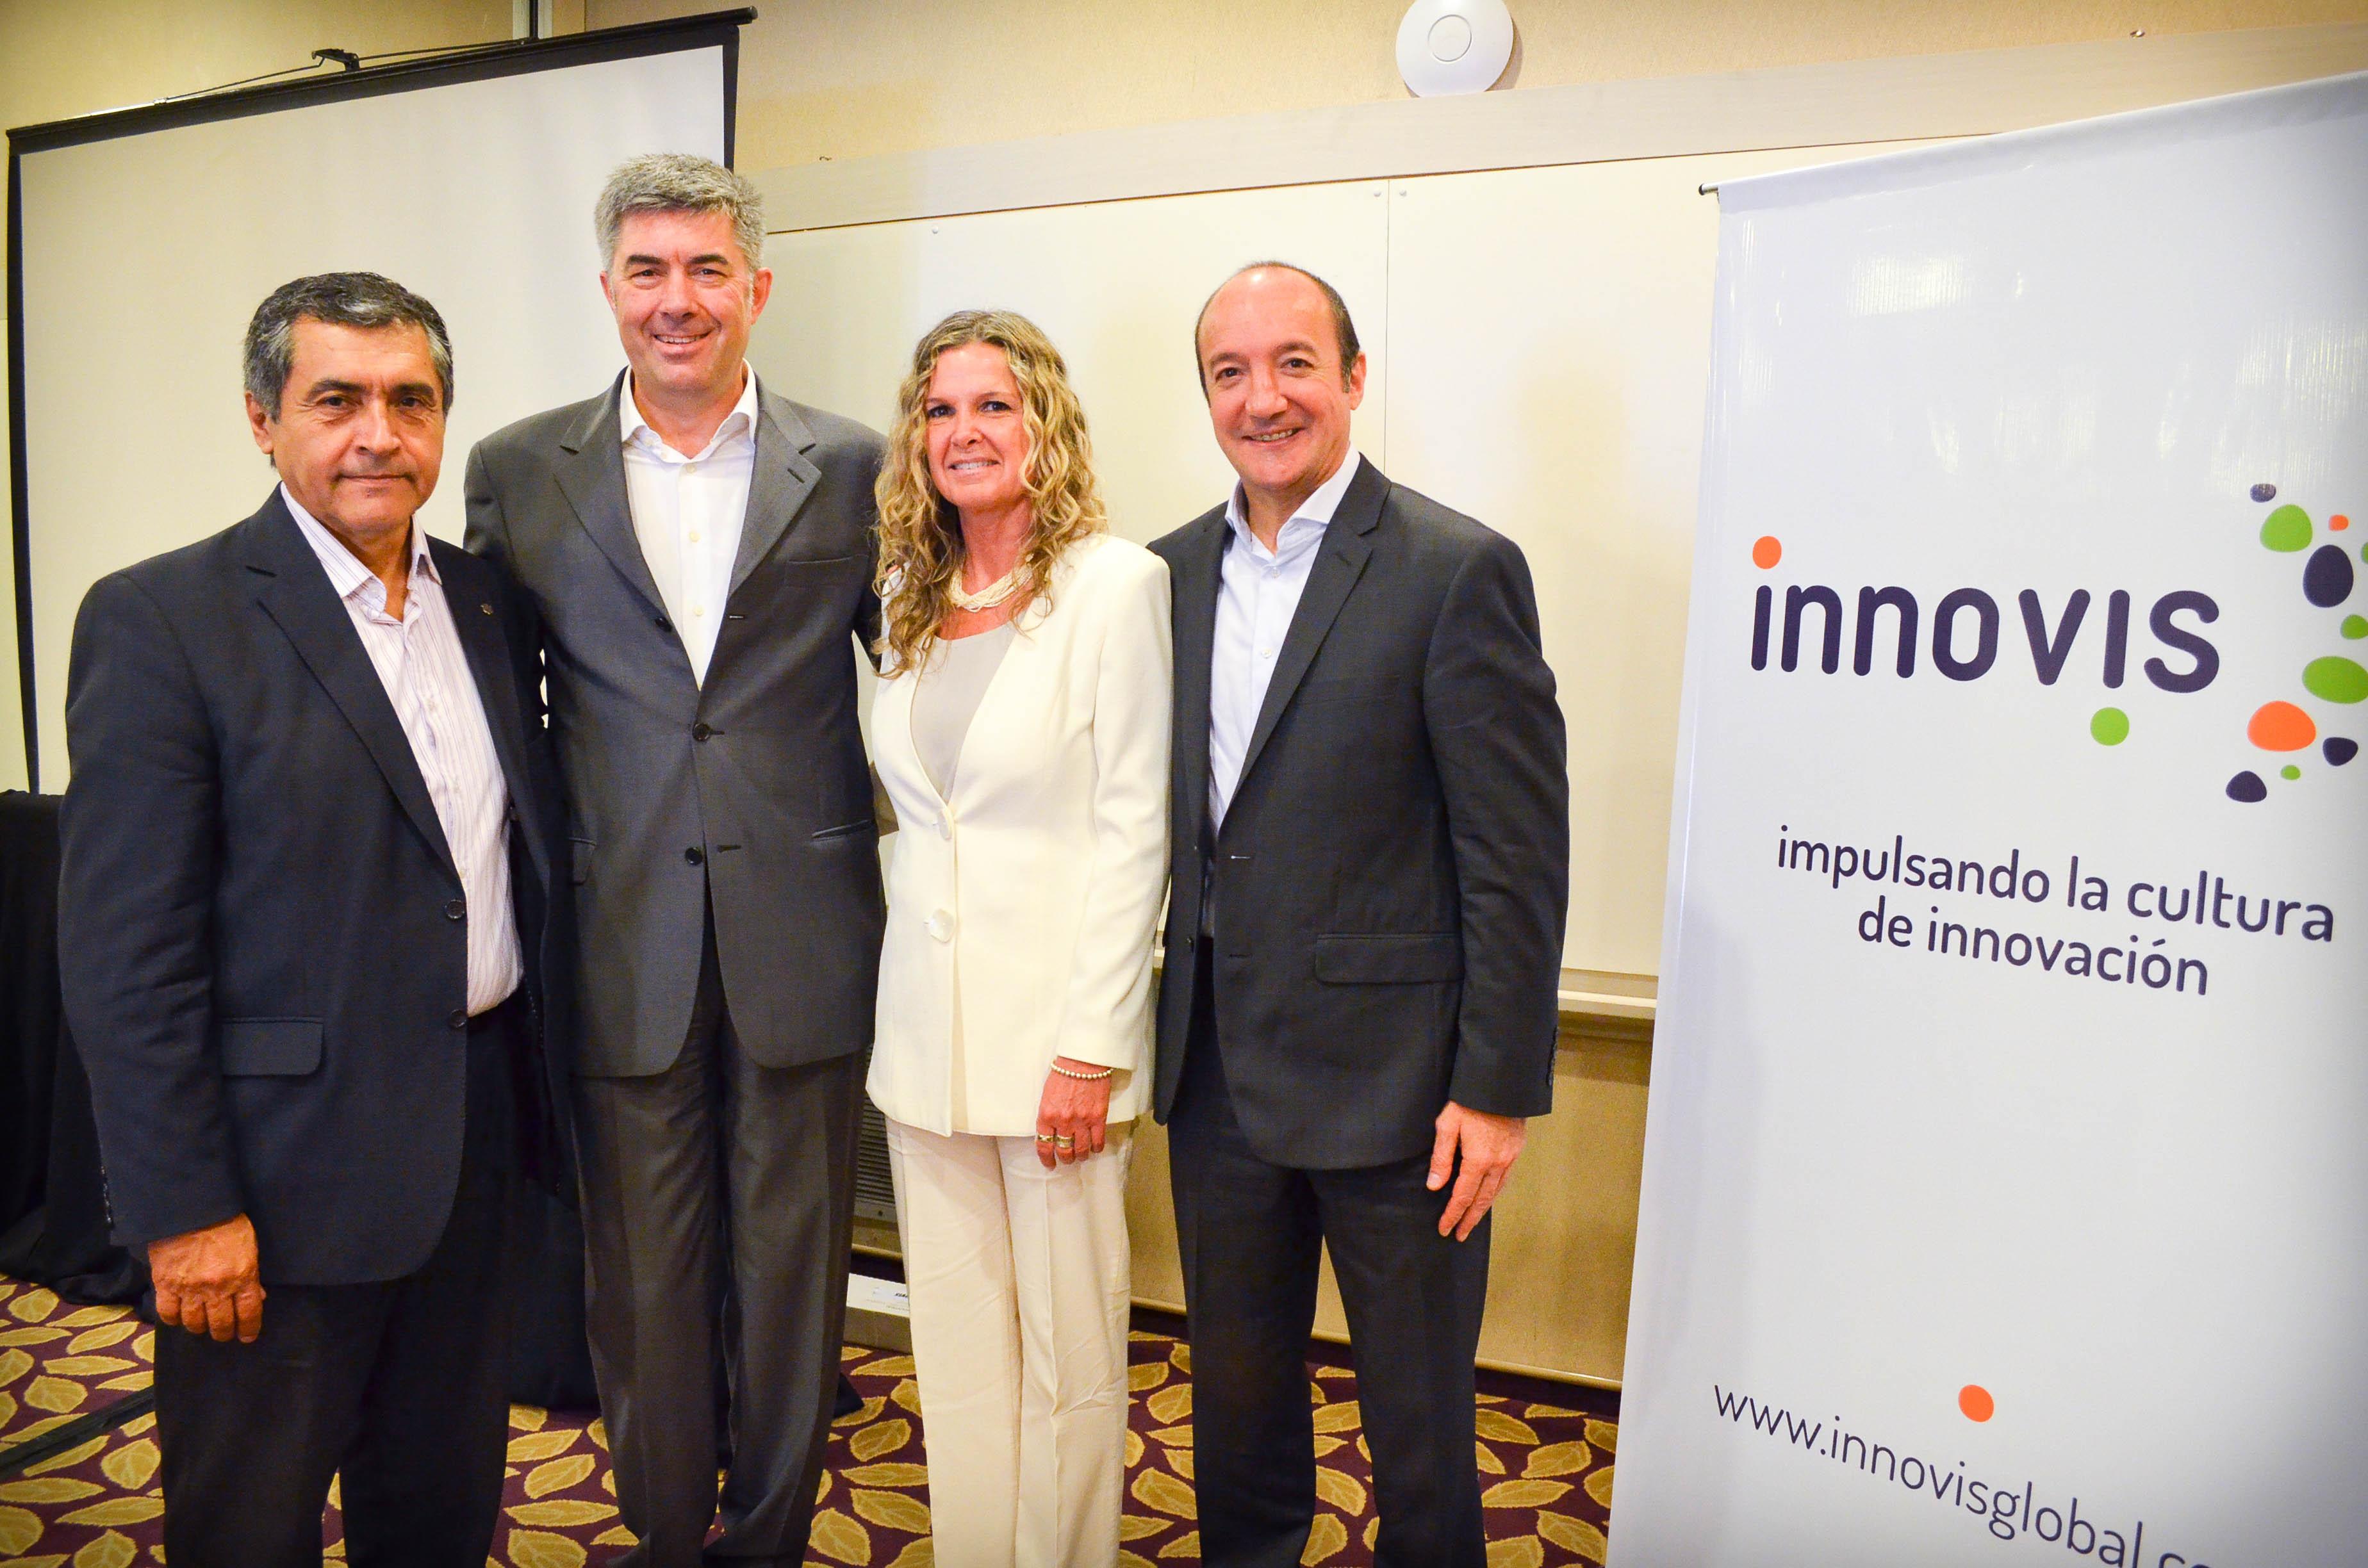 Walter Robledo, Fran Chuan, Andrea Novara y Marcelo Bechara en la presentación del Índice de Cultura de Innovación en Córdoba.